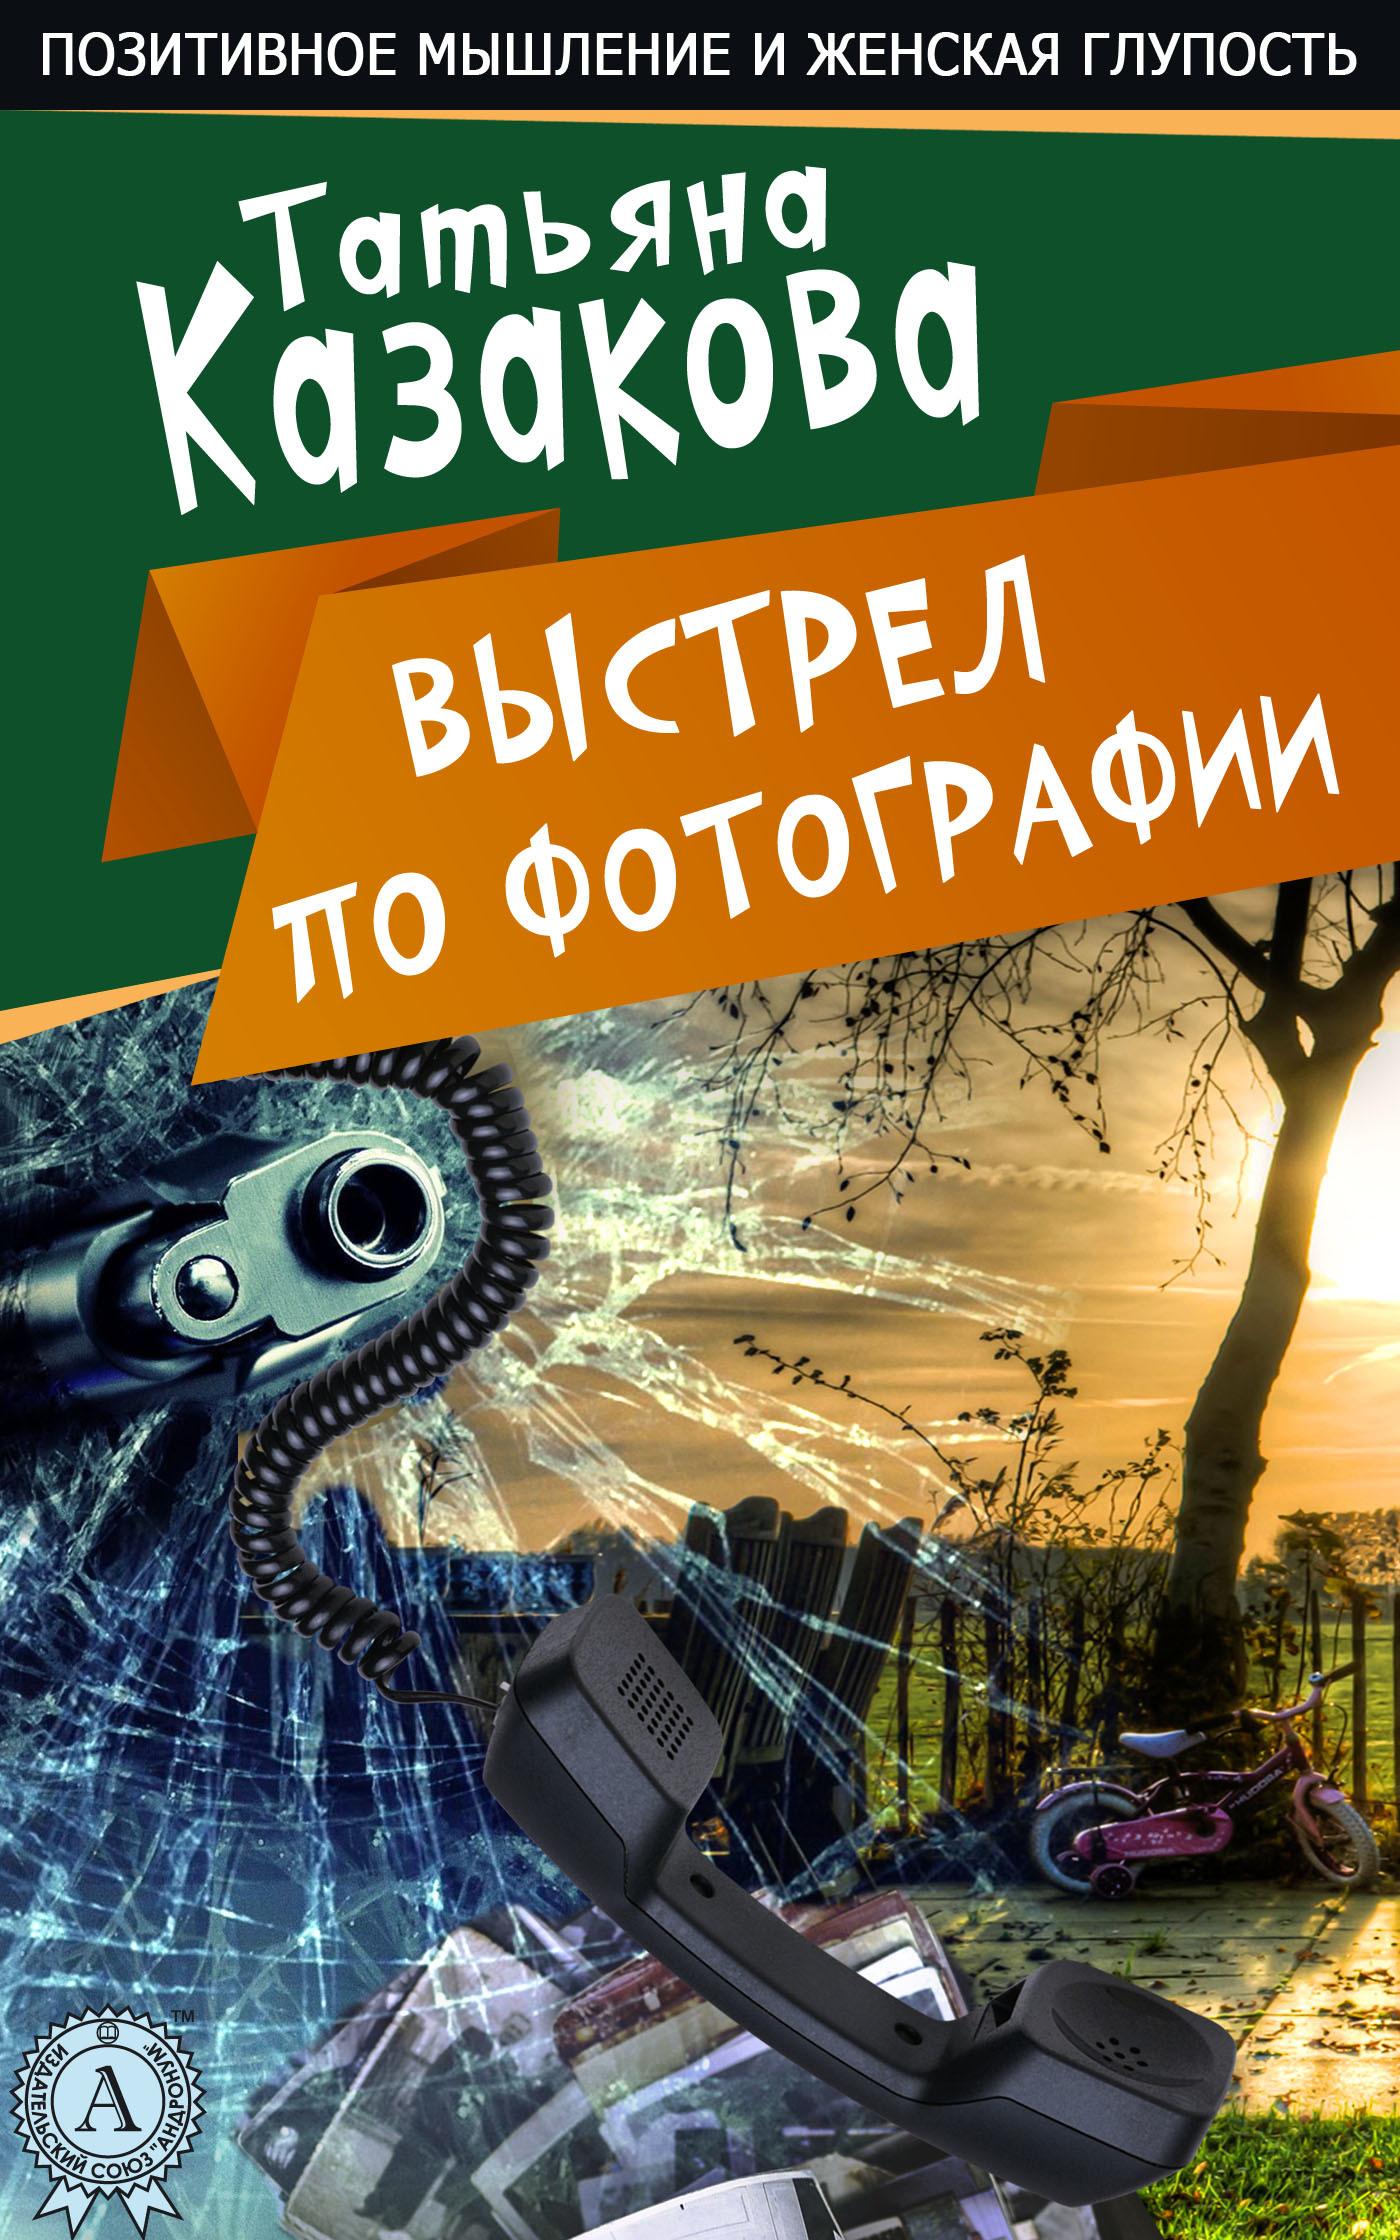 Татьяна Казакова «Выстрел по фотографии»